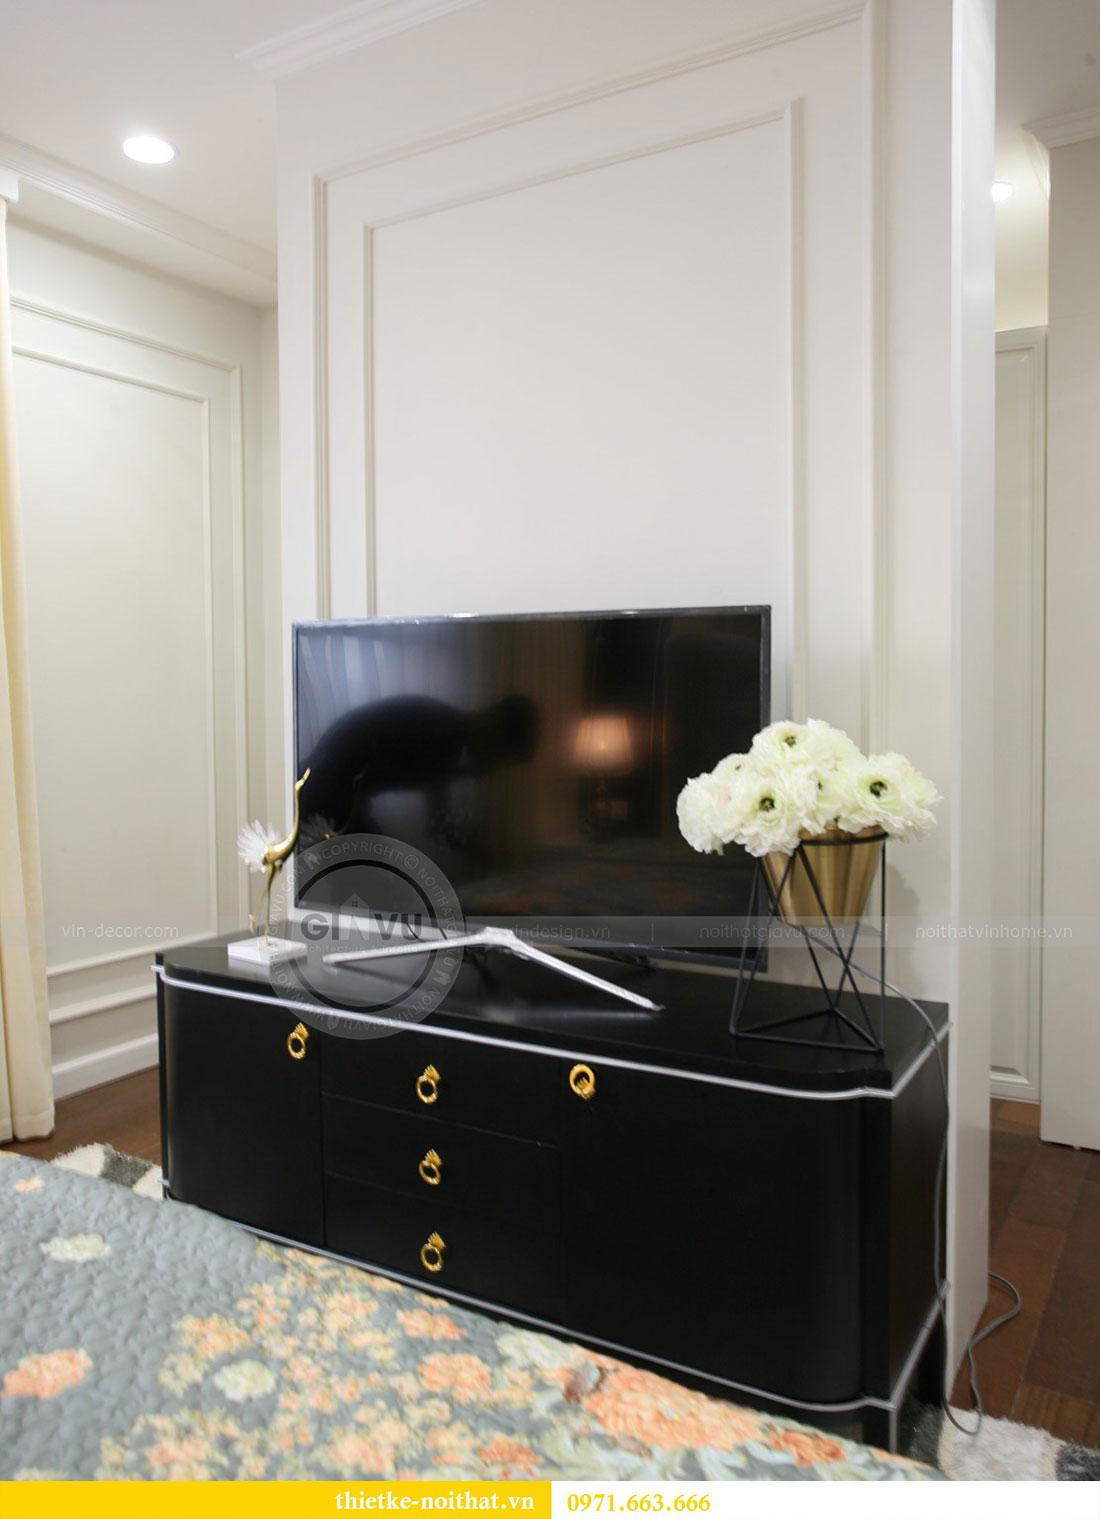 Hoàn thiện nội thất tại chung cư Dcapitale tòa C1 căn 11 - anh Thọ 8